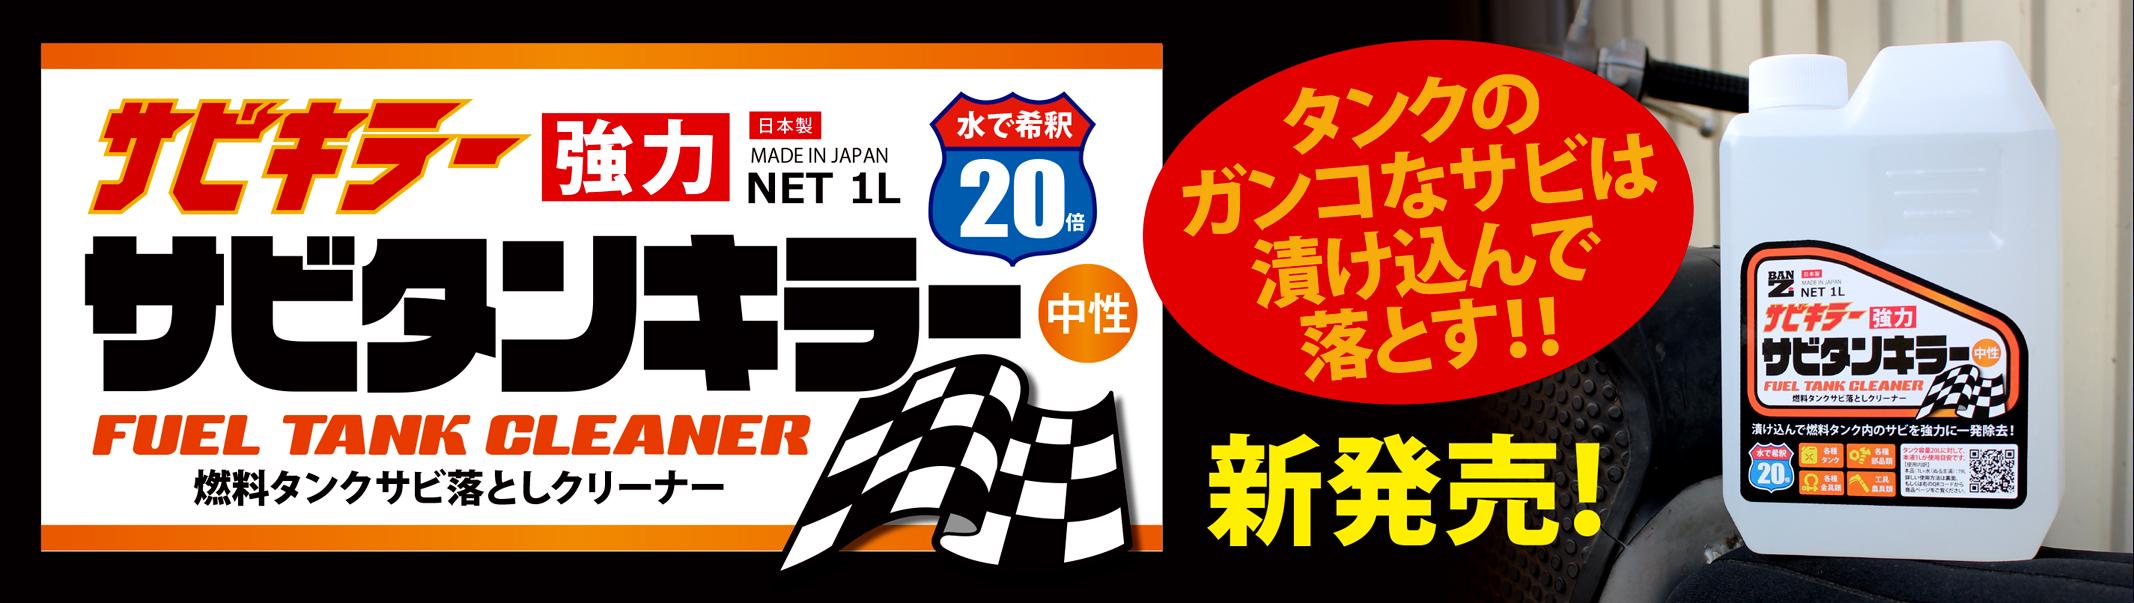 当店限定!4�/1Kgの限定パッケージ販売!!